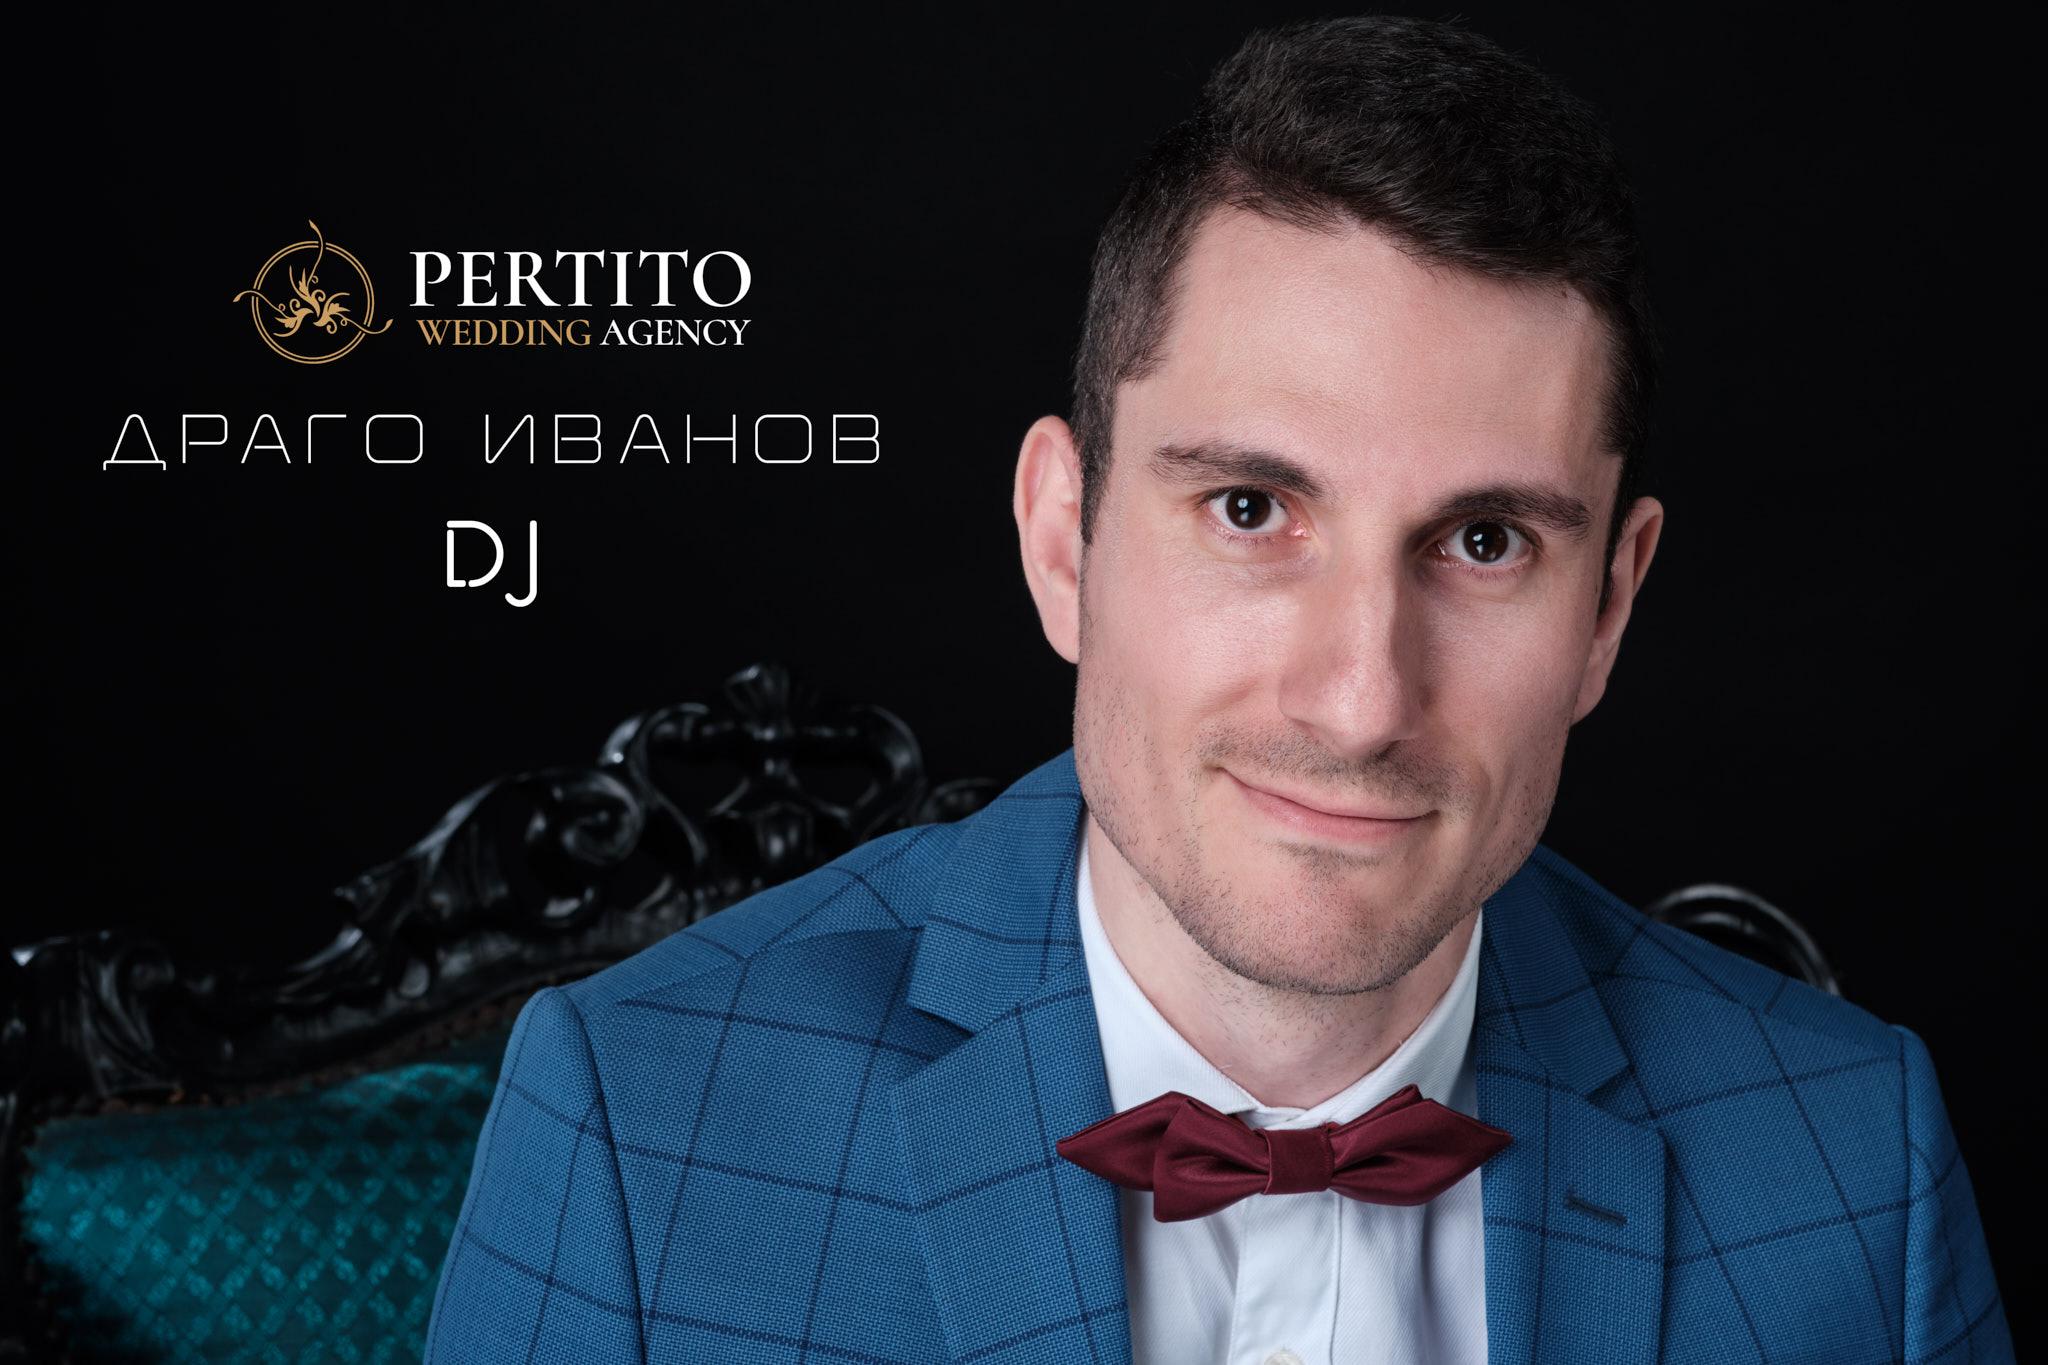 Драгомир Иванов - DJ Drago - Пертито